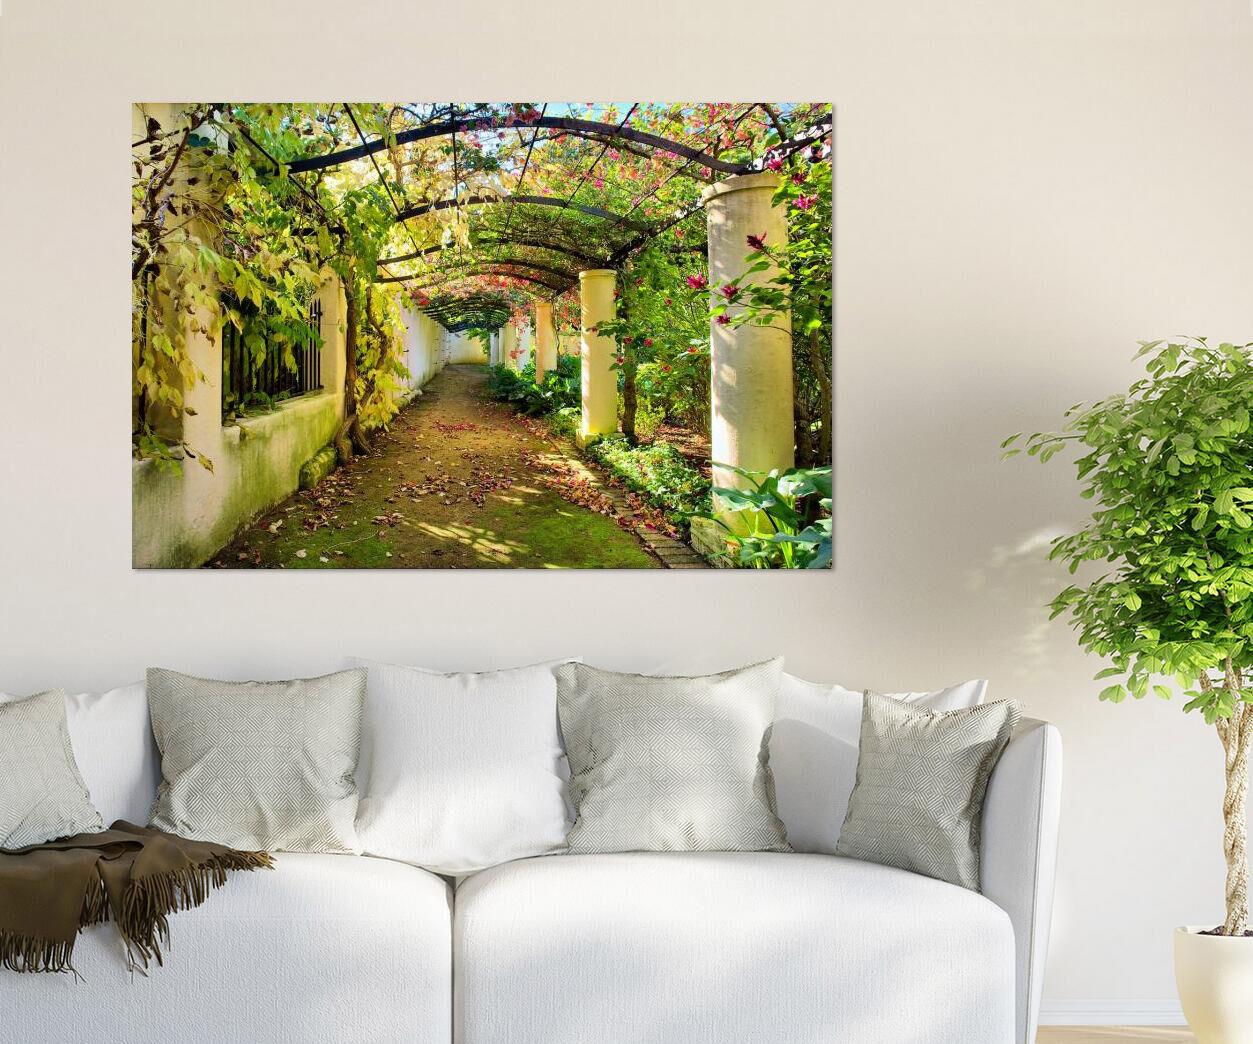 3D Grn Hof 24 Fototapeten Wandbild BildTapete Familie AJSTORE DE